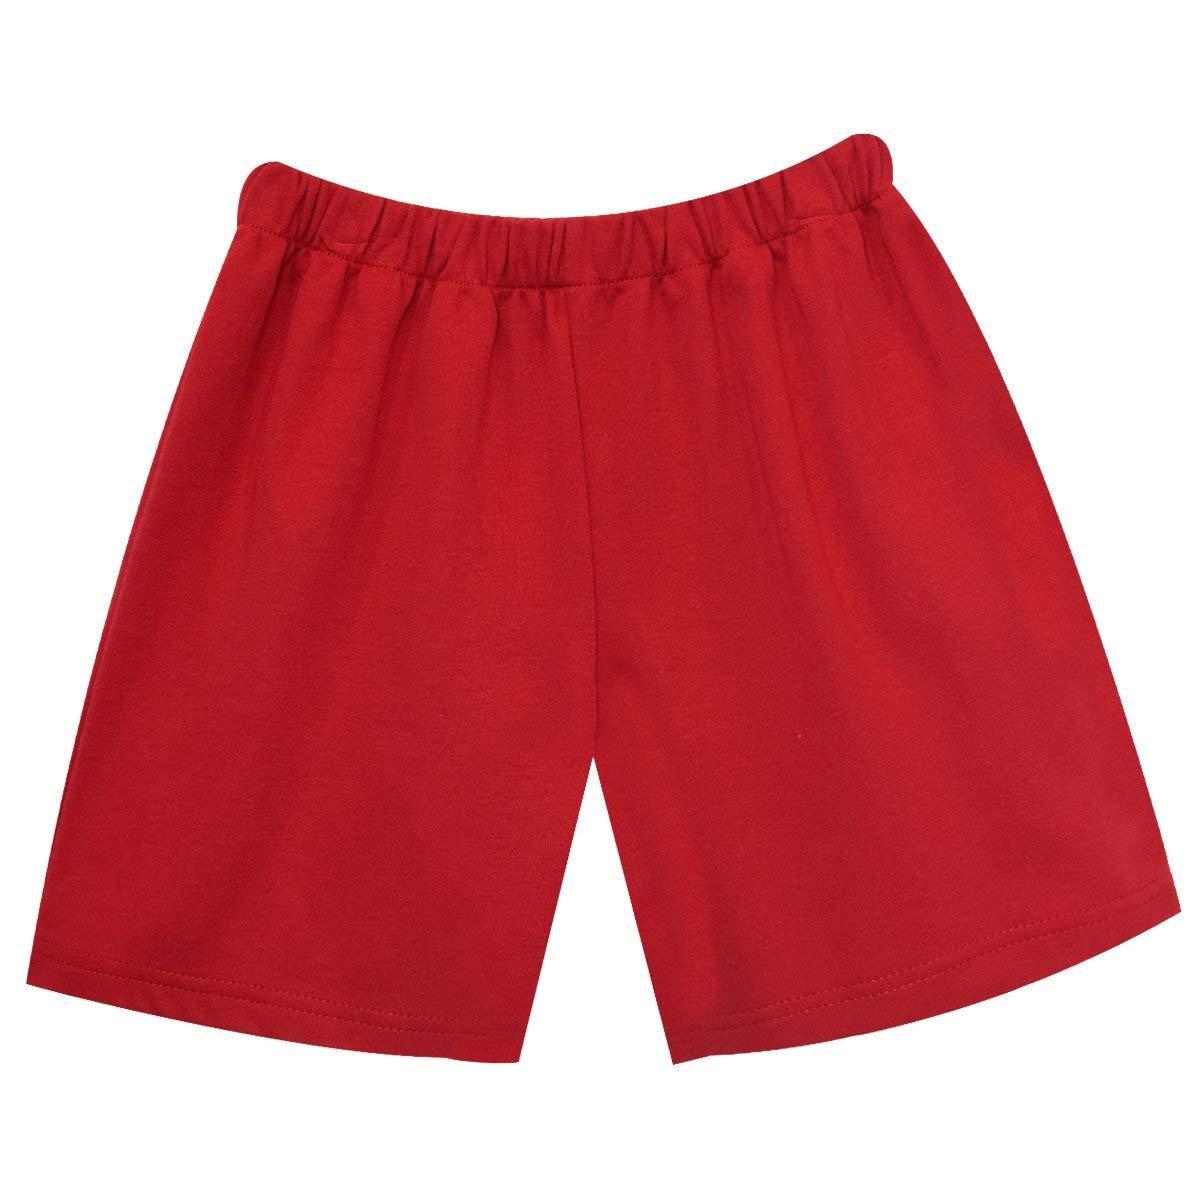 Red Knit Boys Pull On Short